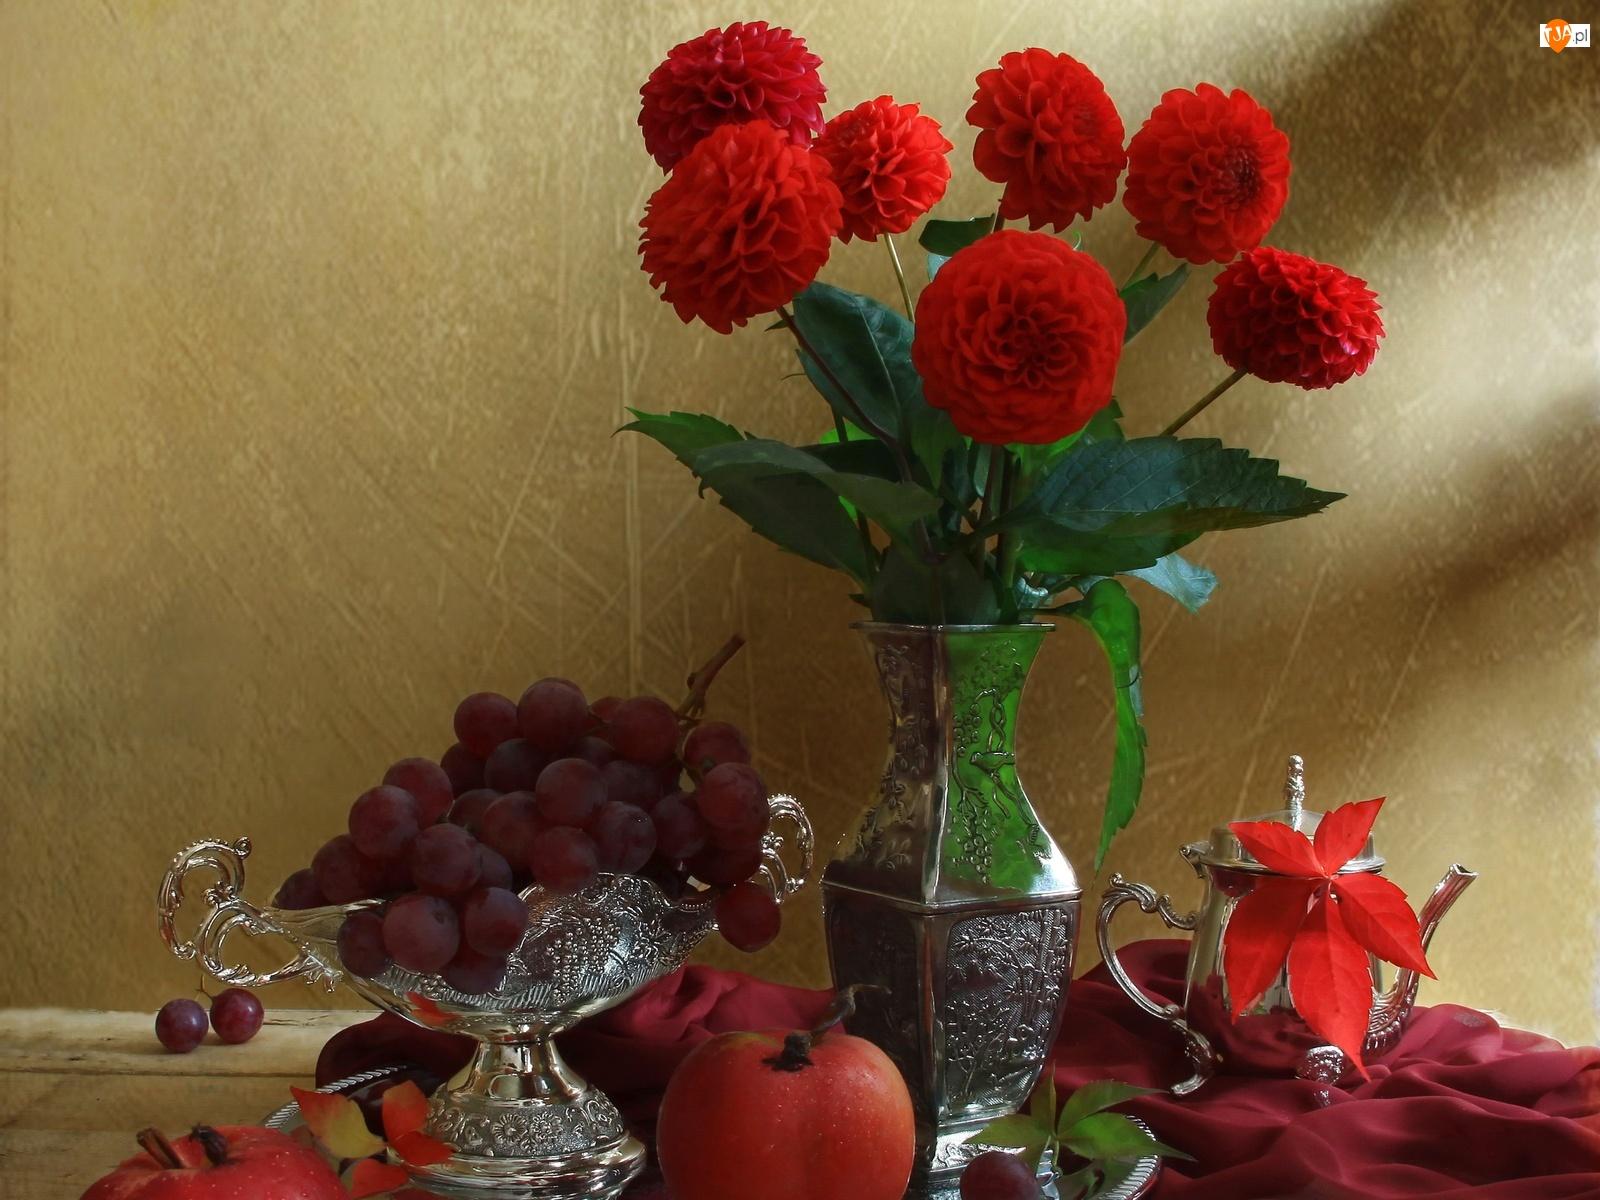 Owoce, Srebrna, Czerwone, Zastawa, Dalie